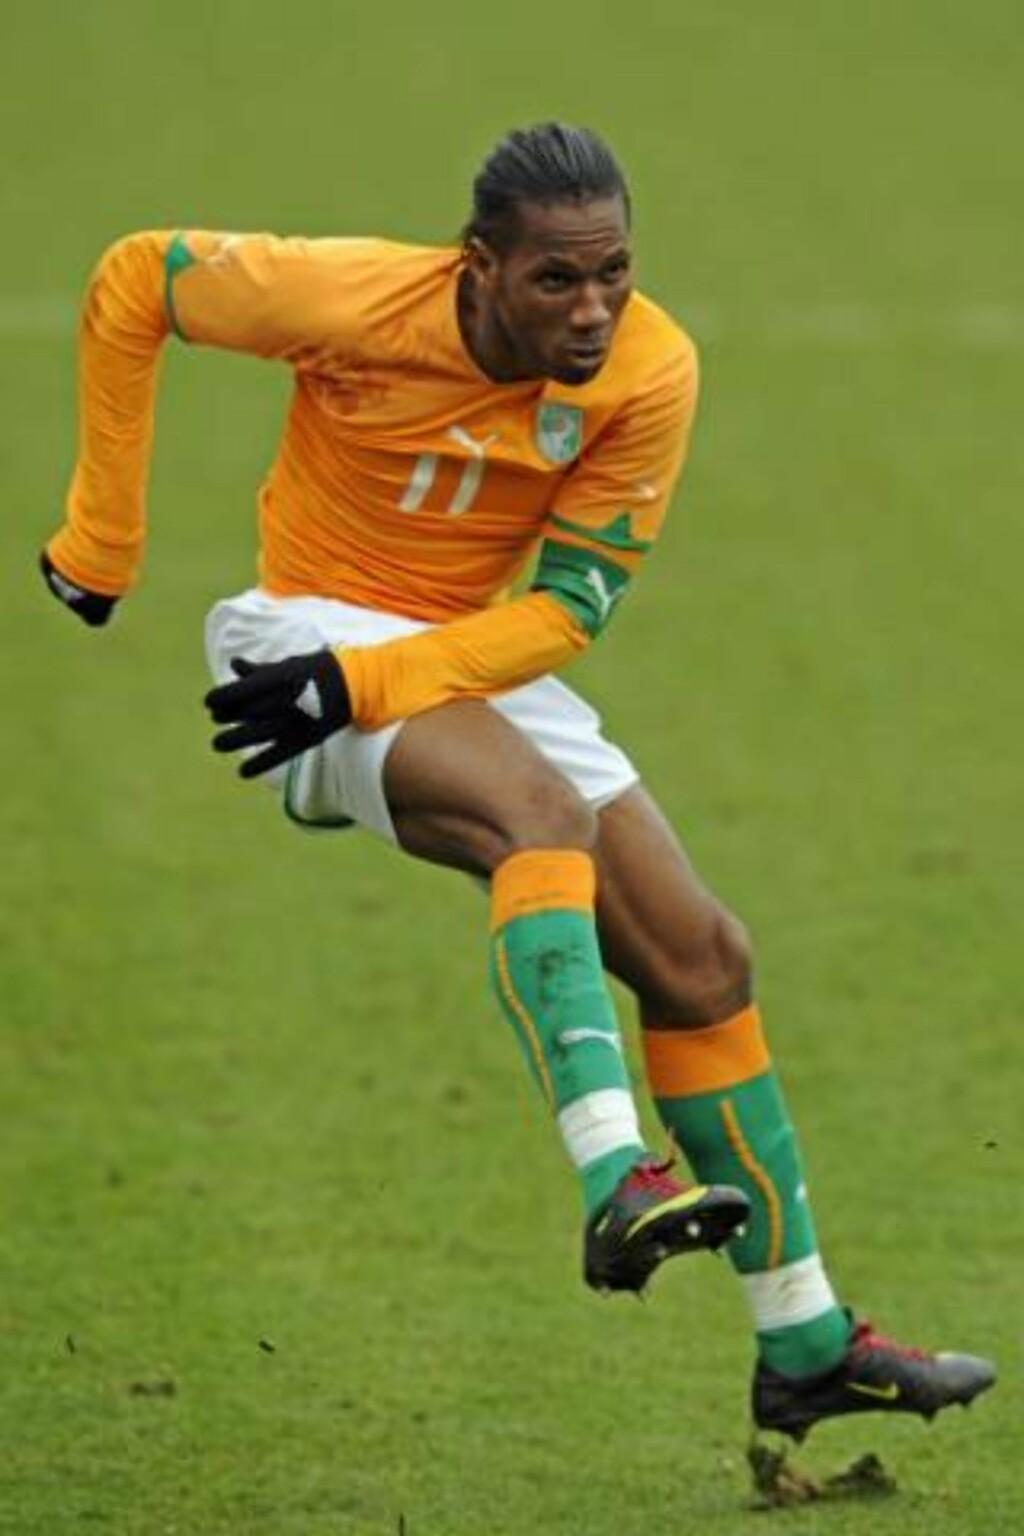 GODT LAG: Didier Drogba er en av superstjernen på det ivorianske laget Sollied gjerne skulle trent. Foto: AP/Tom Hevezi